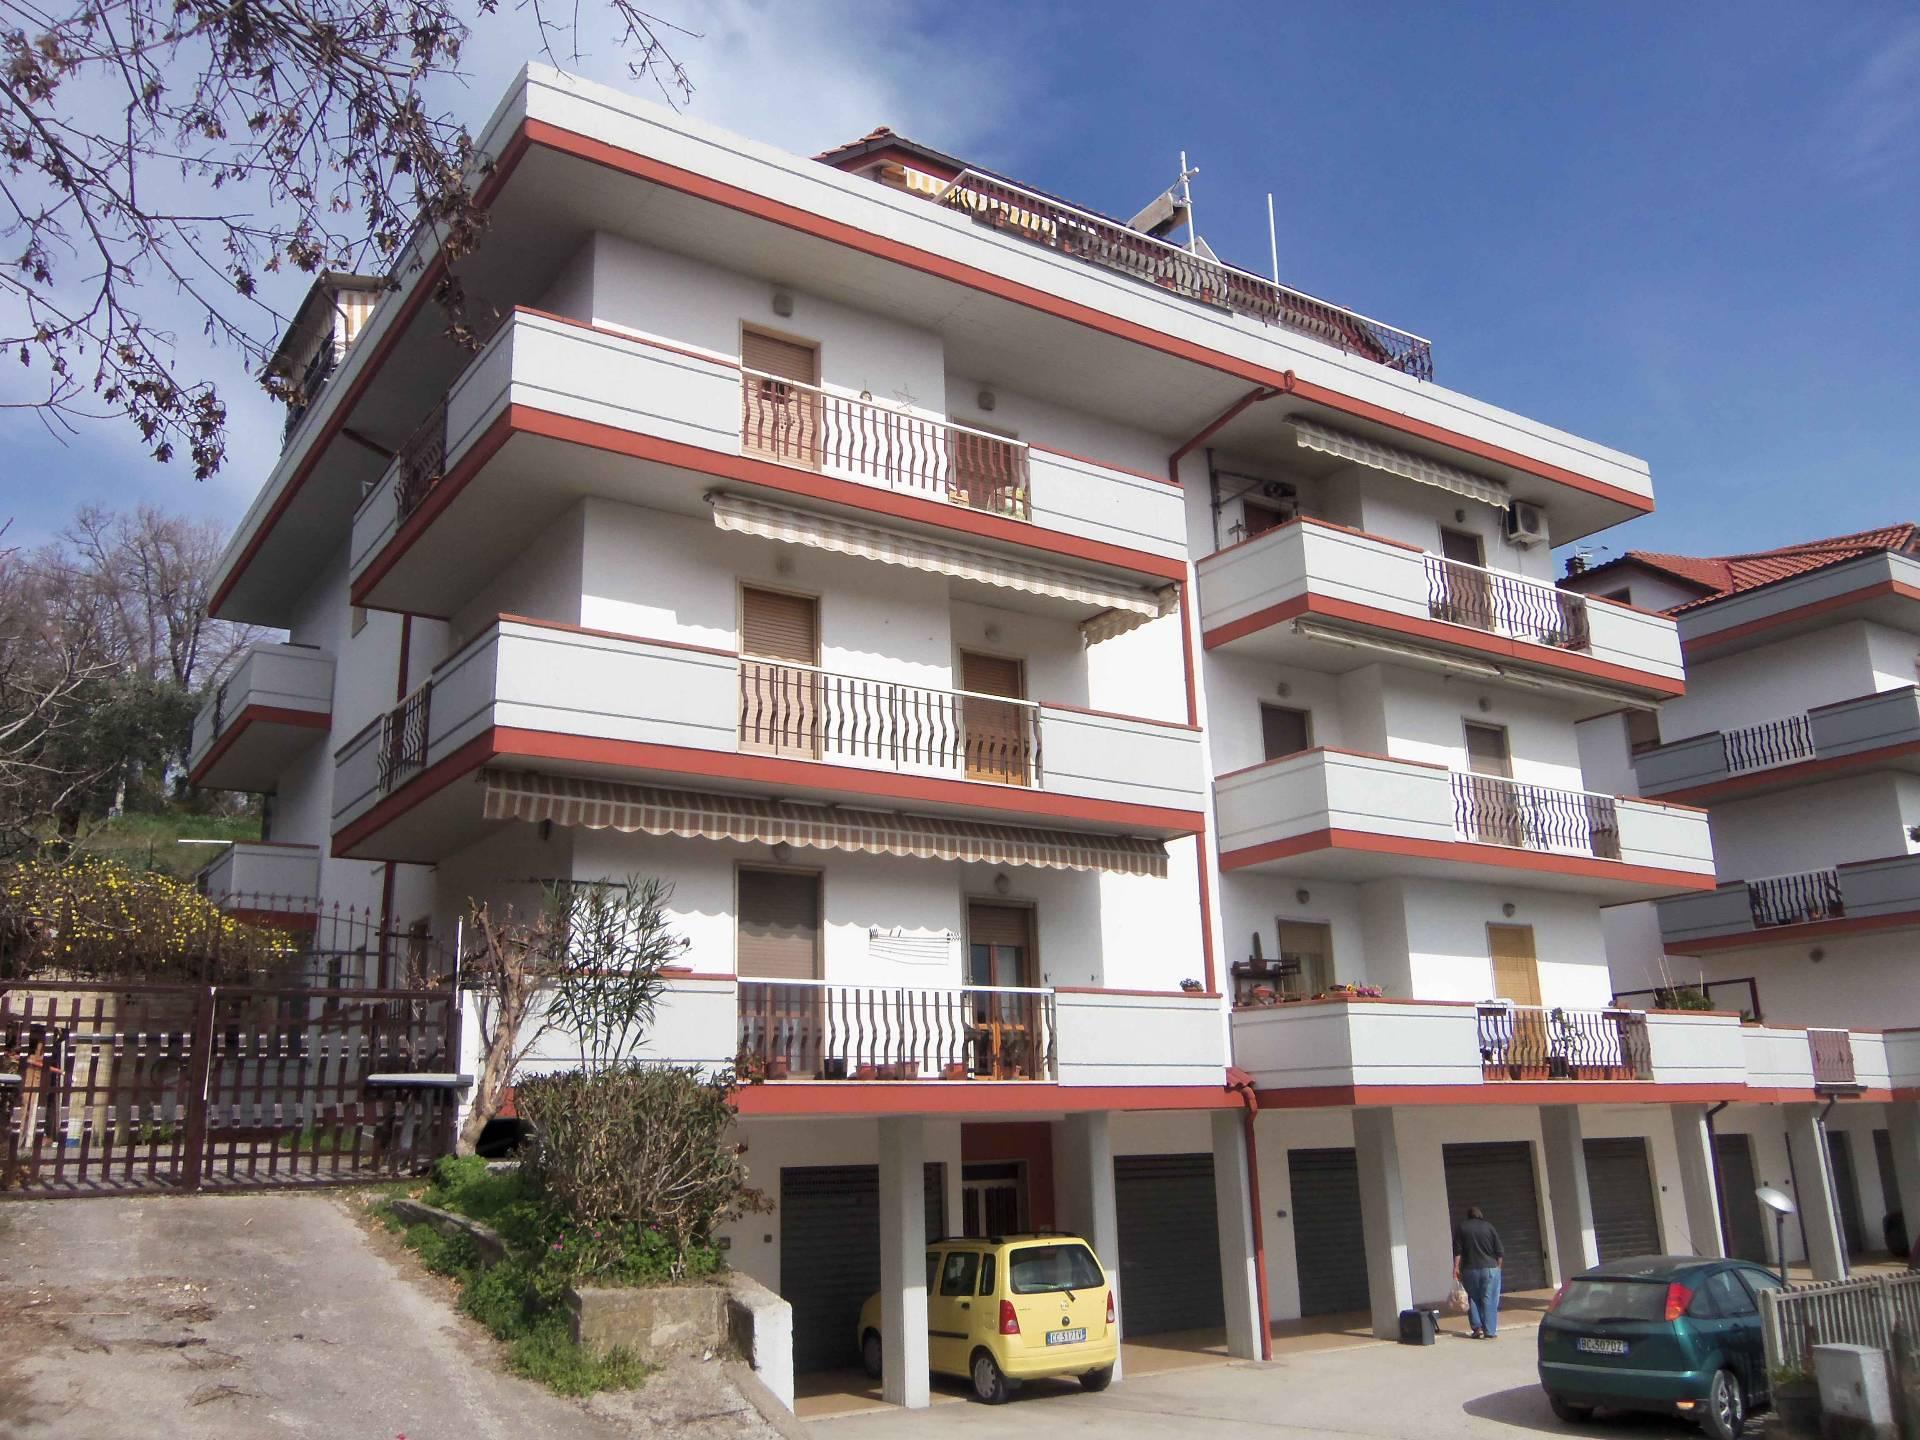 Appartamento in vendita a Ripatransone, 5 locali, zona Località: SanSavino, prezzo € 110.000 | Cambio Casa.it